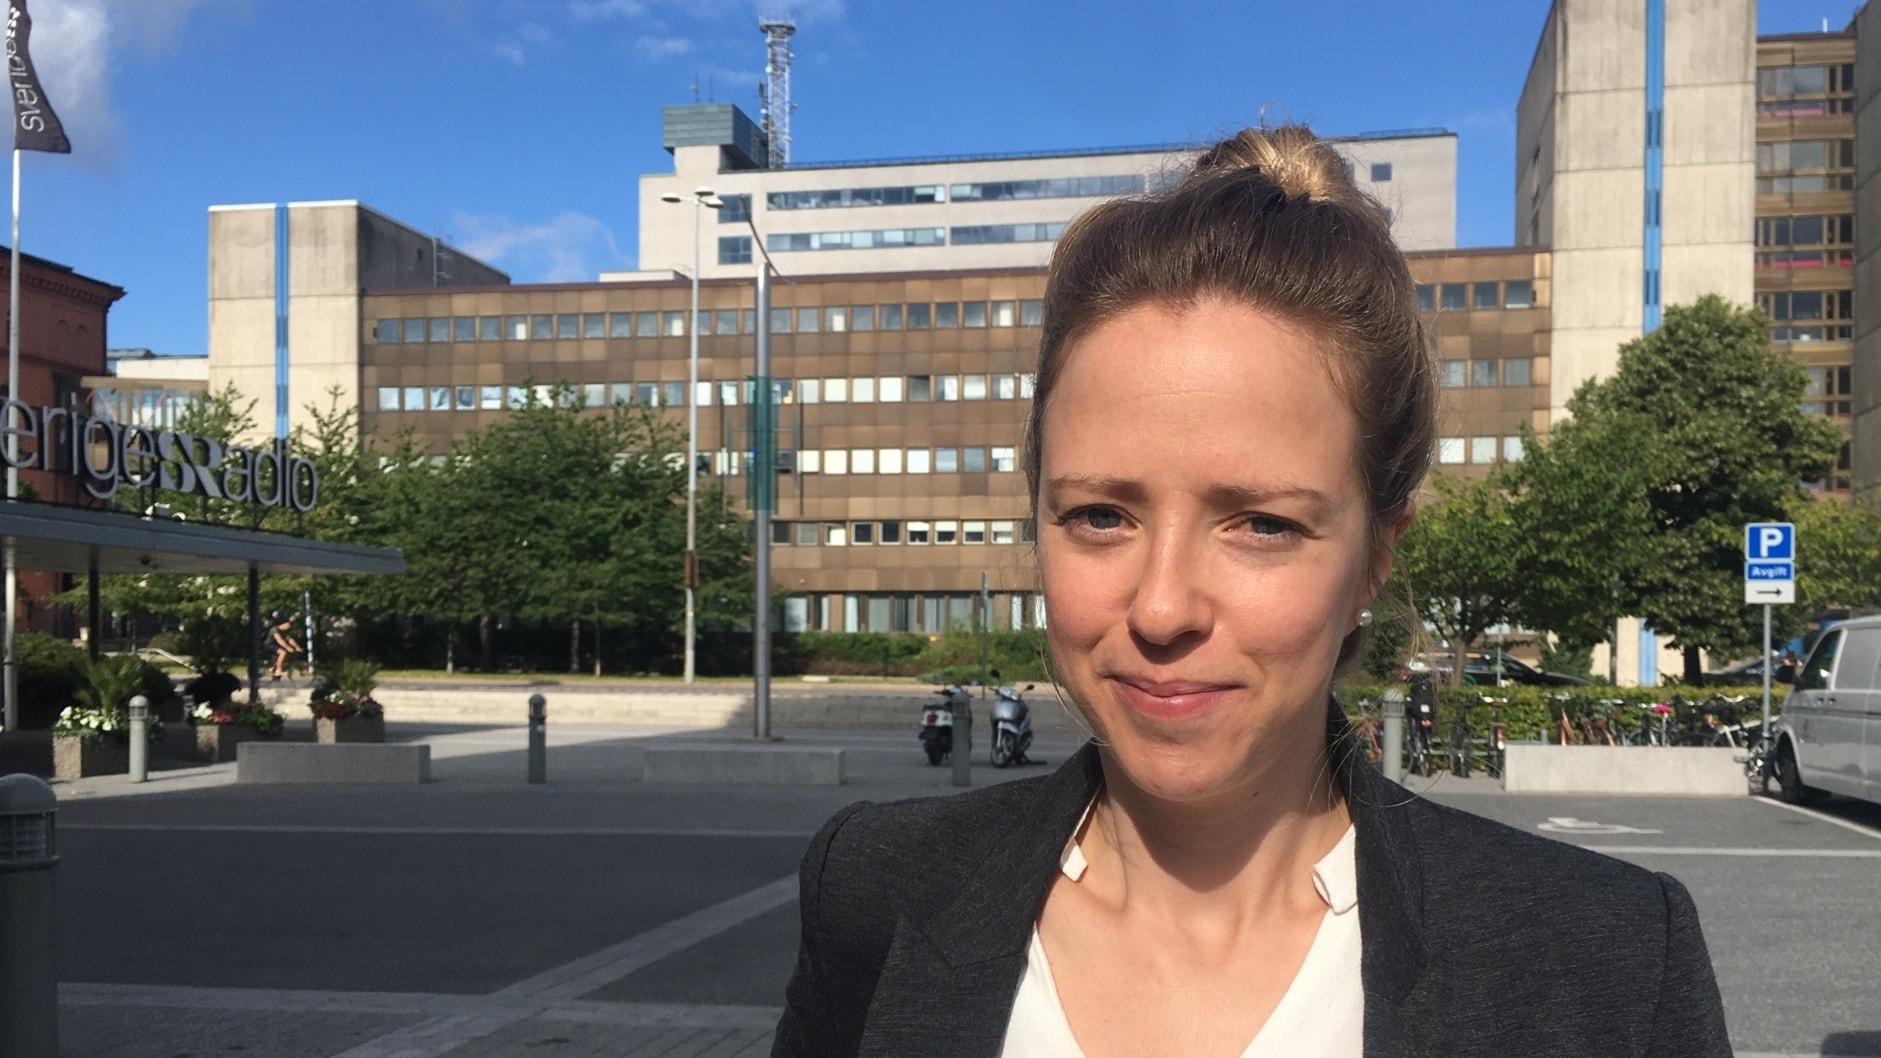 escorttjej uppsala köpa prostituerade i stockholm